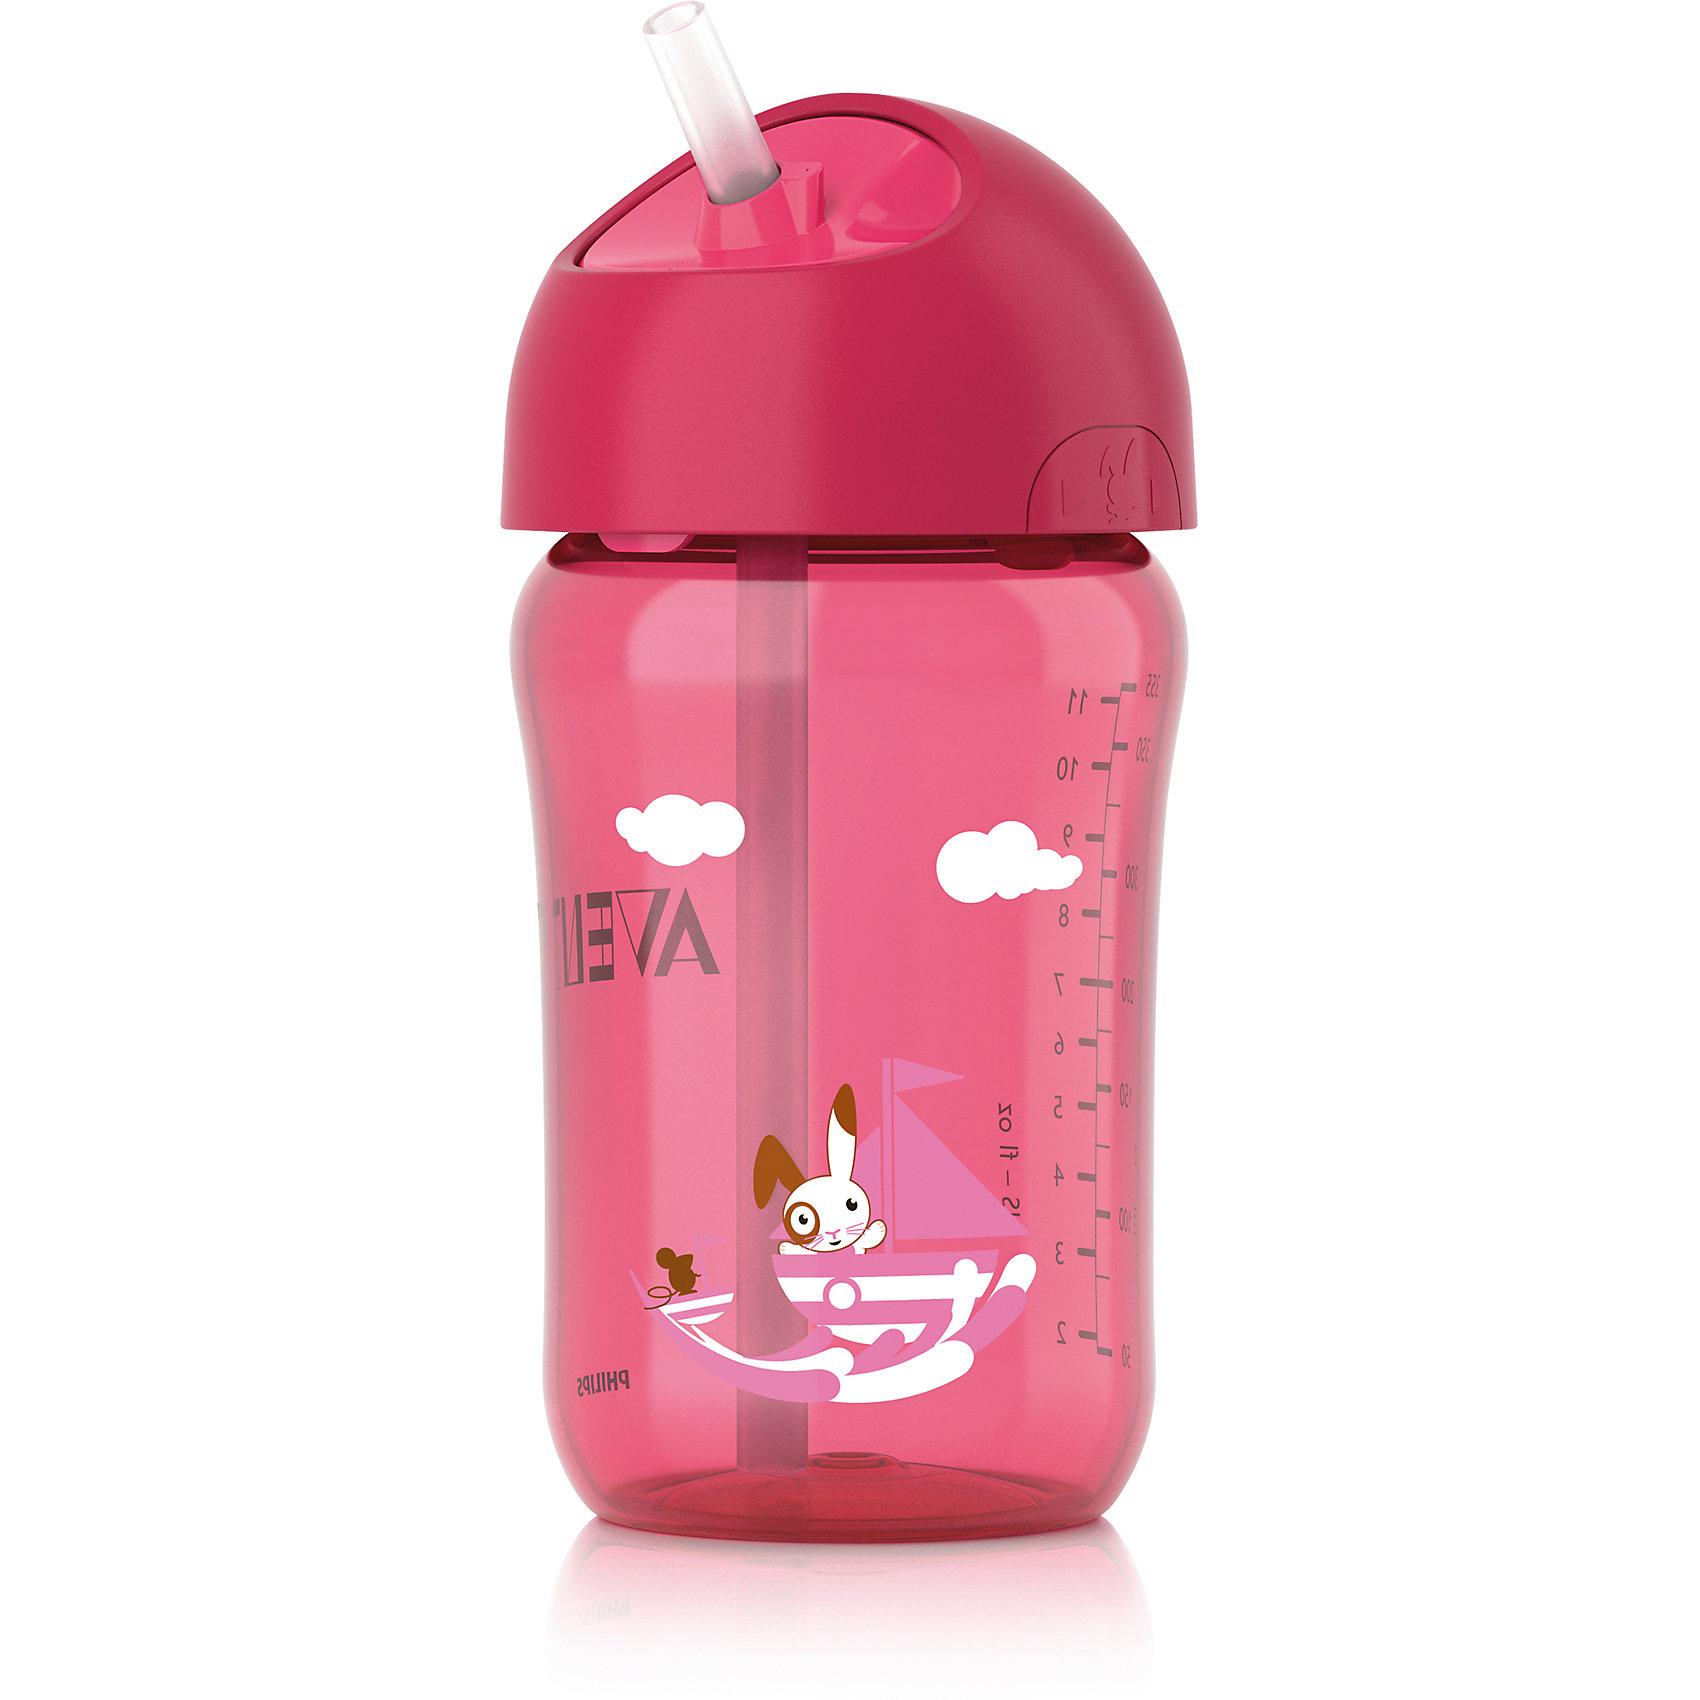 Кружка с трубочкой , 340 мл, AVENT, розовыйЧашка с трубочкой Philips AVENT (Авент) 340 мл, отлично подойдет подрастающему малышу.<br>Герметичная чашка с завинчивающейся крышкой предназначена для обучения самостоятельному питанию, а также чашку легко разбирать и мыть.  <br>Дополнительная информация:  <br>- Гибкая силиконовая трубочка со встроенным герметичным клапаном <br>- Ребенок может самостоятельно открывать и закрывать крышку <br>- Завинчивающаяся крышка обеспечивает чистоту трубочки <br>- Совместимость с другими изделиями серии Philips AVENT (Авент) <br>- Для обеспечения гигиеничности всю чашку можно стерилизовать <br>- Небольшое количество деталей, из которых состоит чашка, упрощает чистку и сборку <br>- Все детали можно мыть в посудомоечной машин .<br>Кружку с трубочкой , 340 мл, AVENT в розовом цвете можно купить в нашем интернет-магазине.<br><br>Ширина мм: 85<br>Глубина мм: 175<br>Высота мм: 105<br>Вес г: 144<br>Цвет: розовый<br>Возраст от месяцев: 18<br>Возраст до месяцев: 36<br>Пол: Женский<br>Возраст: Детский<br>SKU: 4079887